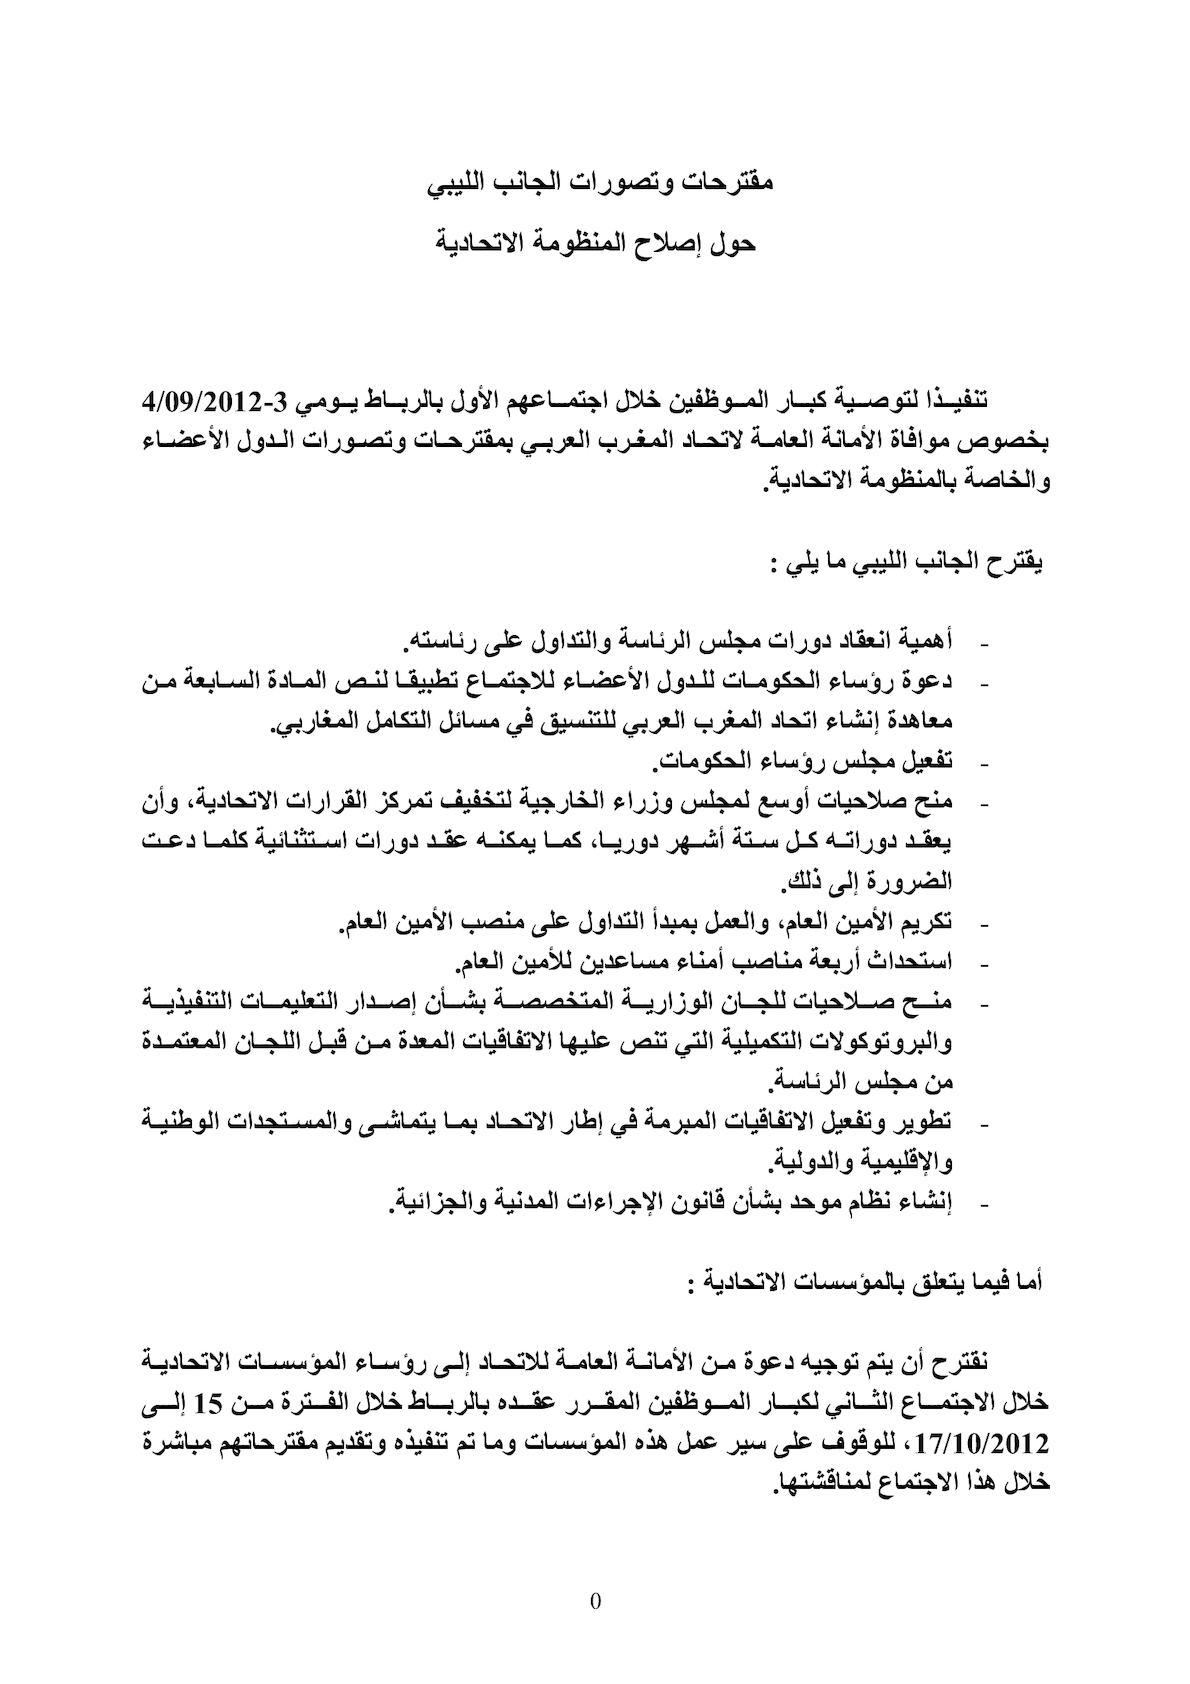 مقترحات وتصورات الجانب الليبي حول إصلاح المنظومة الاتحادية1